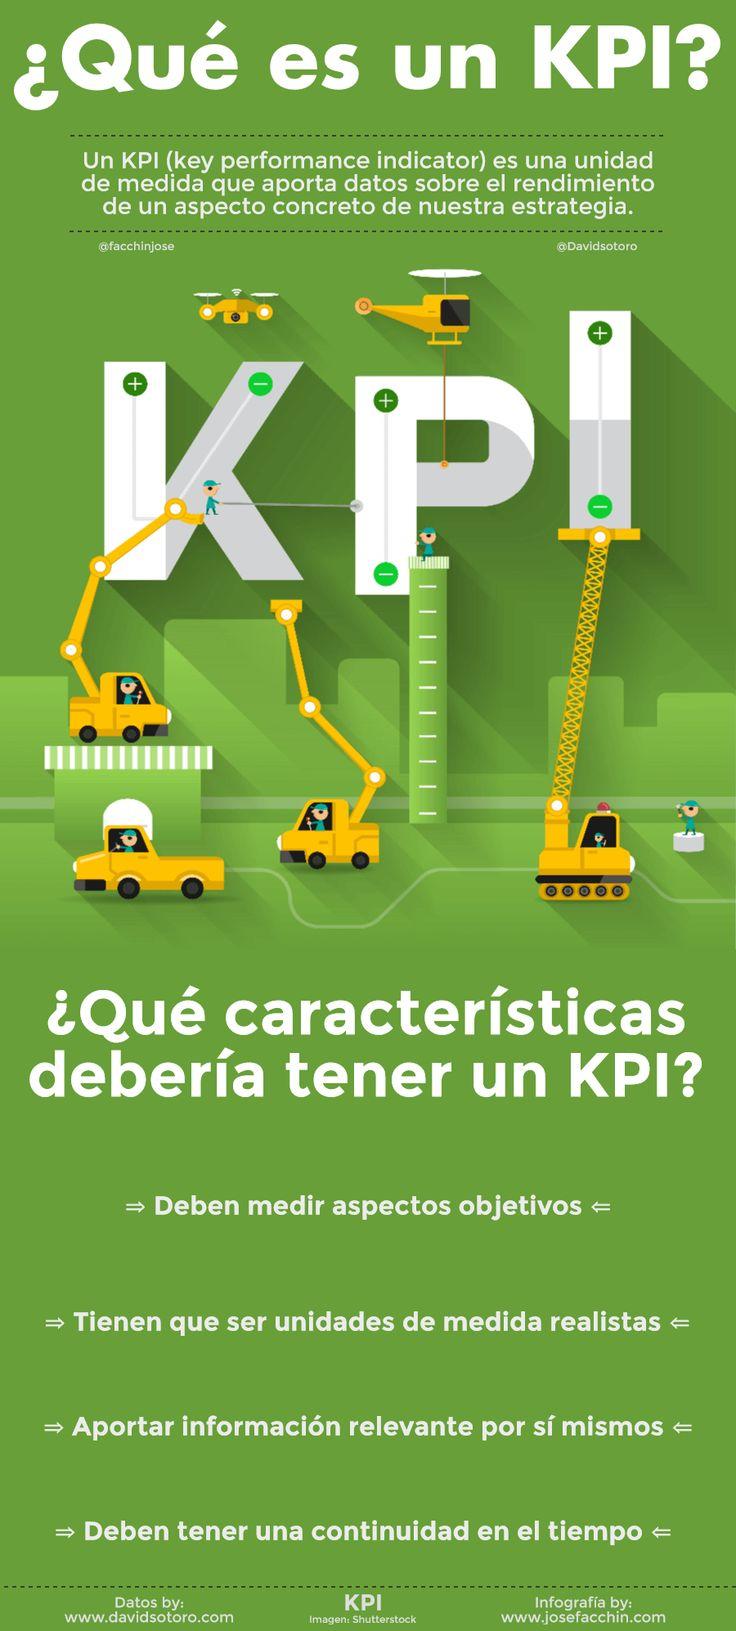 ¿Qué es un #KPI y cuáles son sus características?